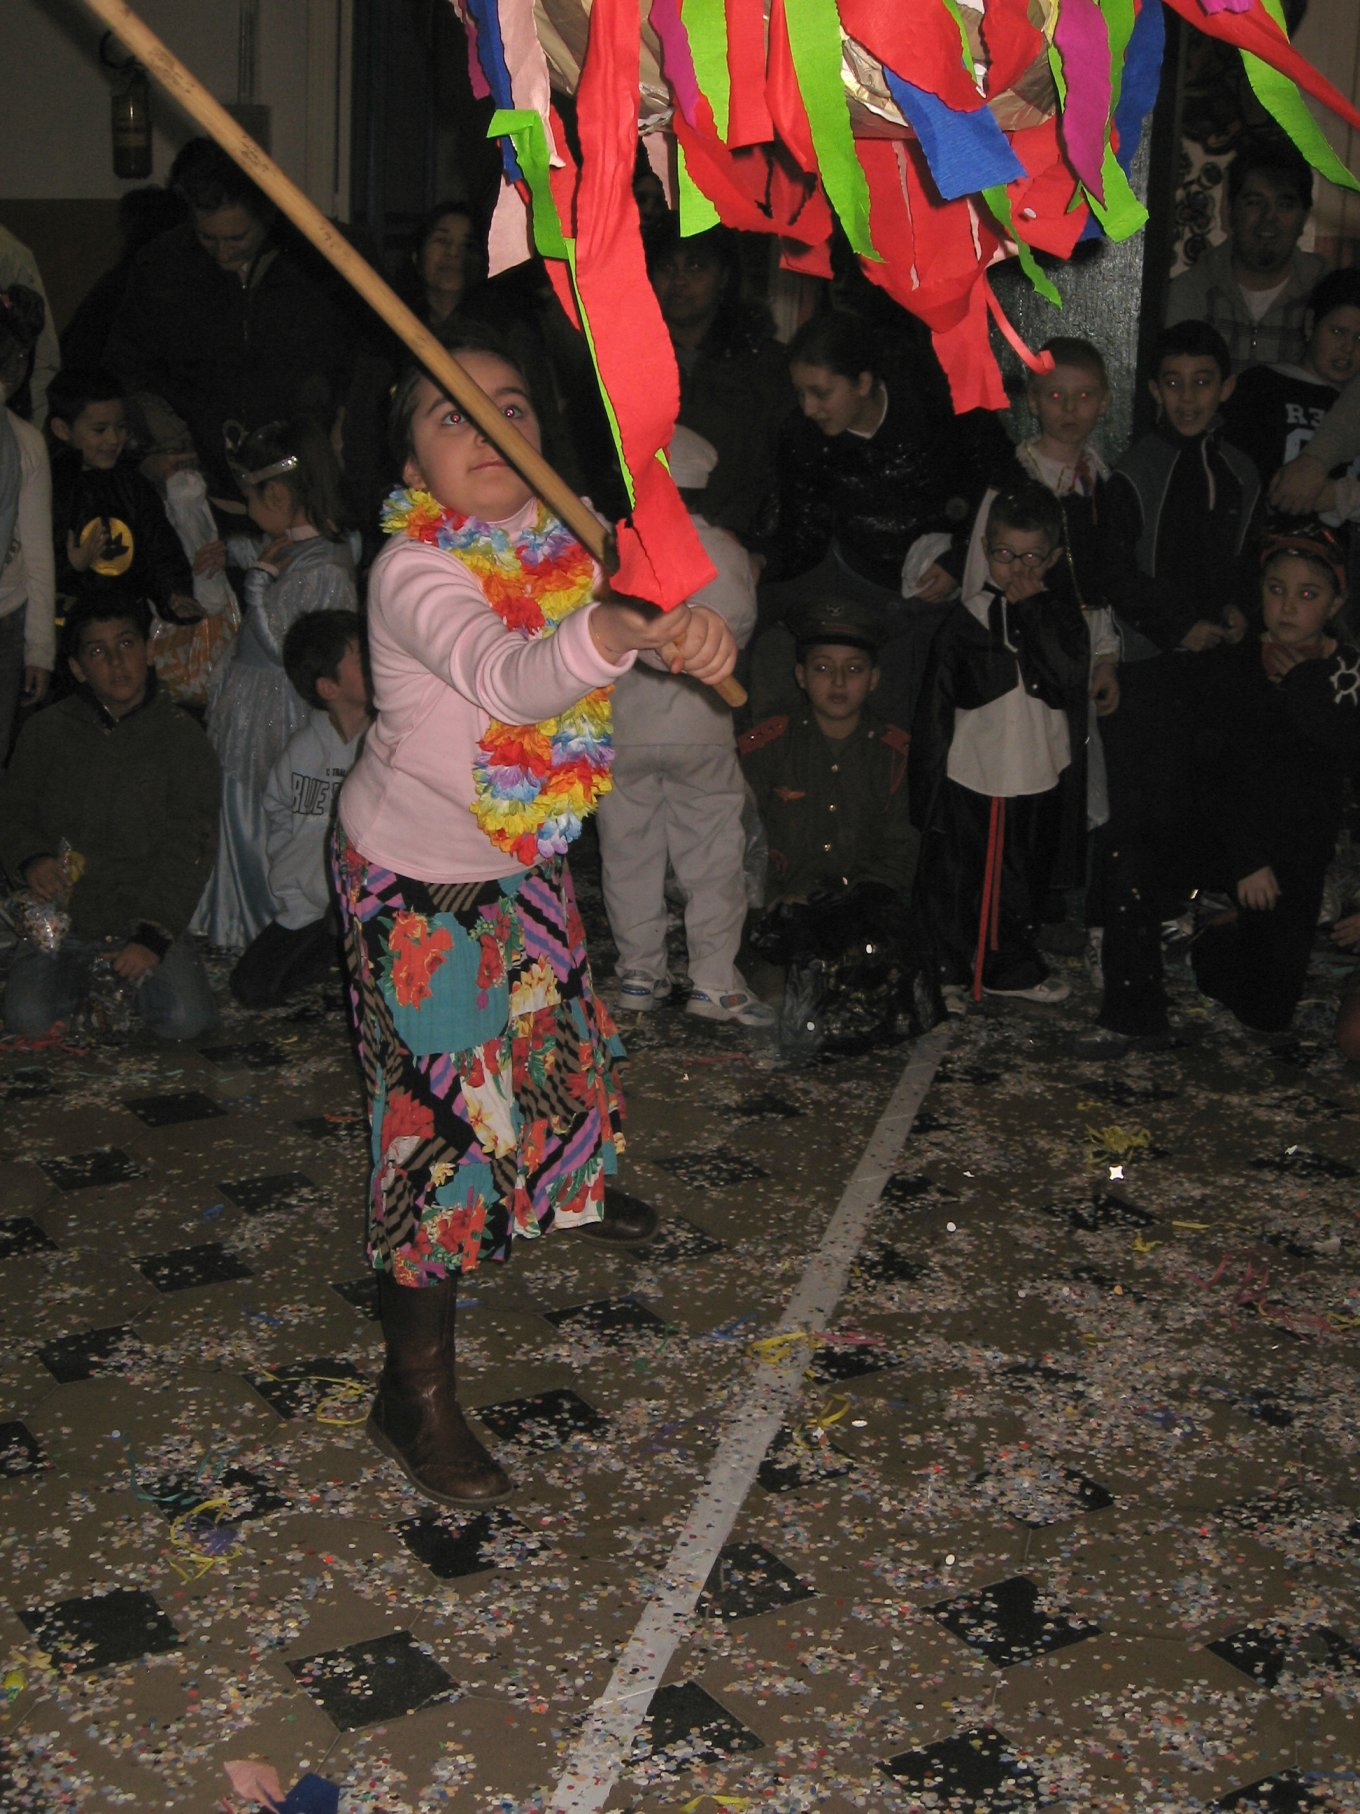 Pentolaccia-2009-02-22--17.23.30.jpg